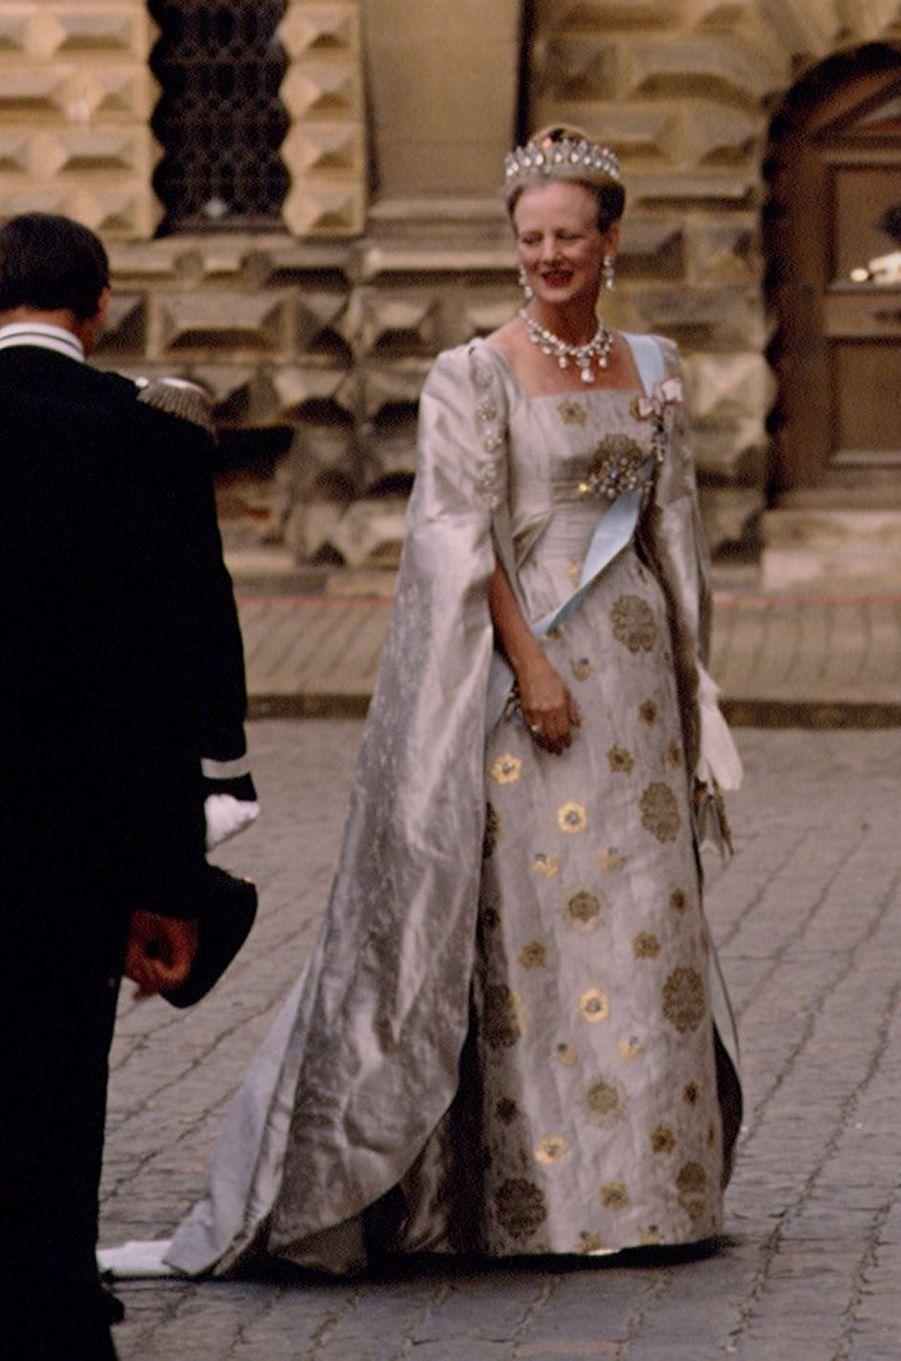 La reine Margrethe II de Danemark lors de ses noces d'argent avec le prince consort Henrik, le 9 juin 1992